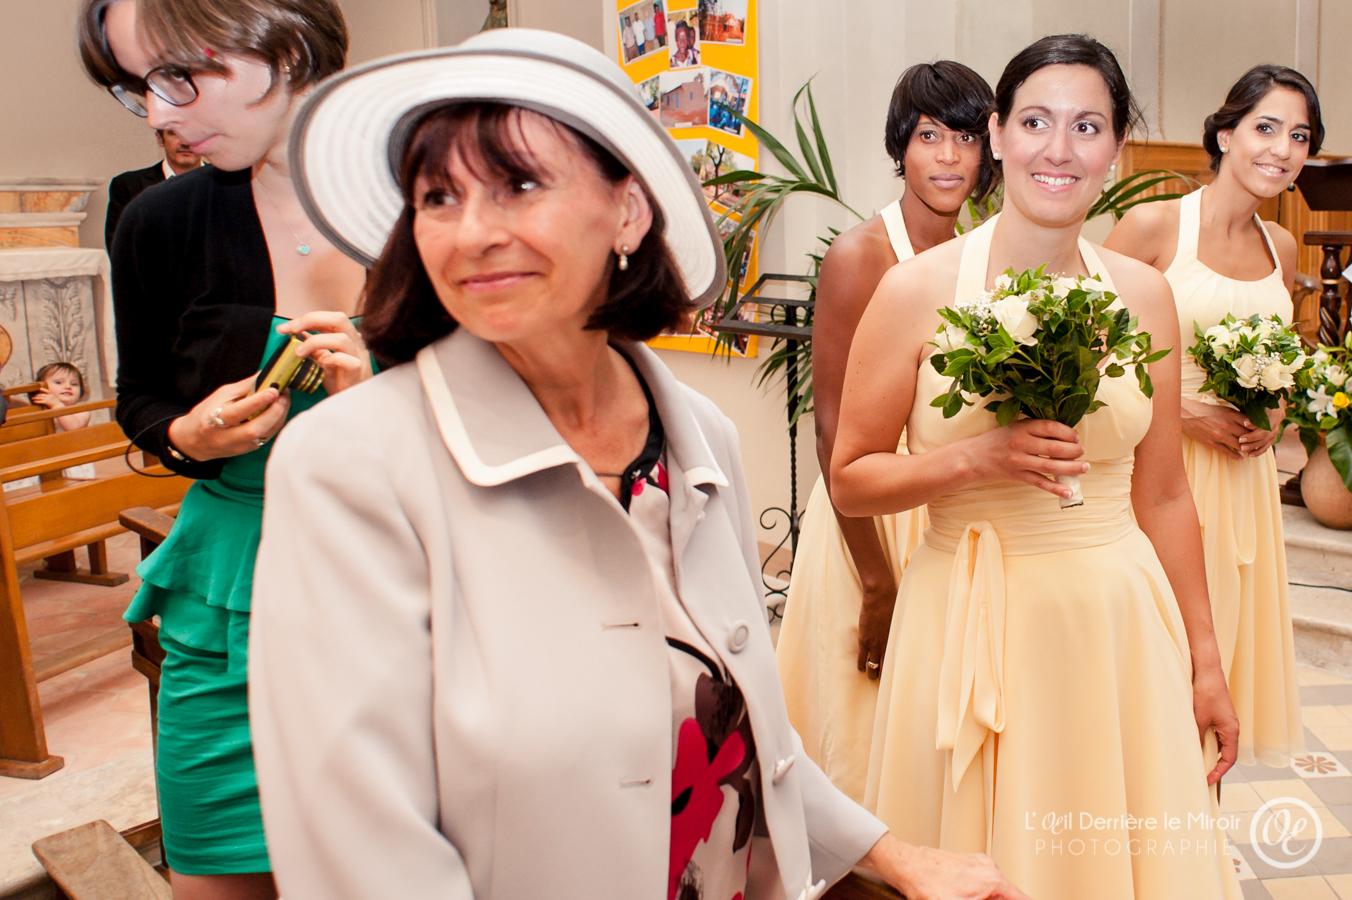 photographe-mariage-villeneuve-loubet-053